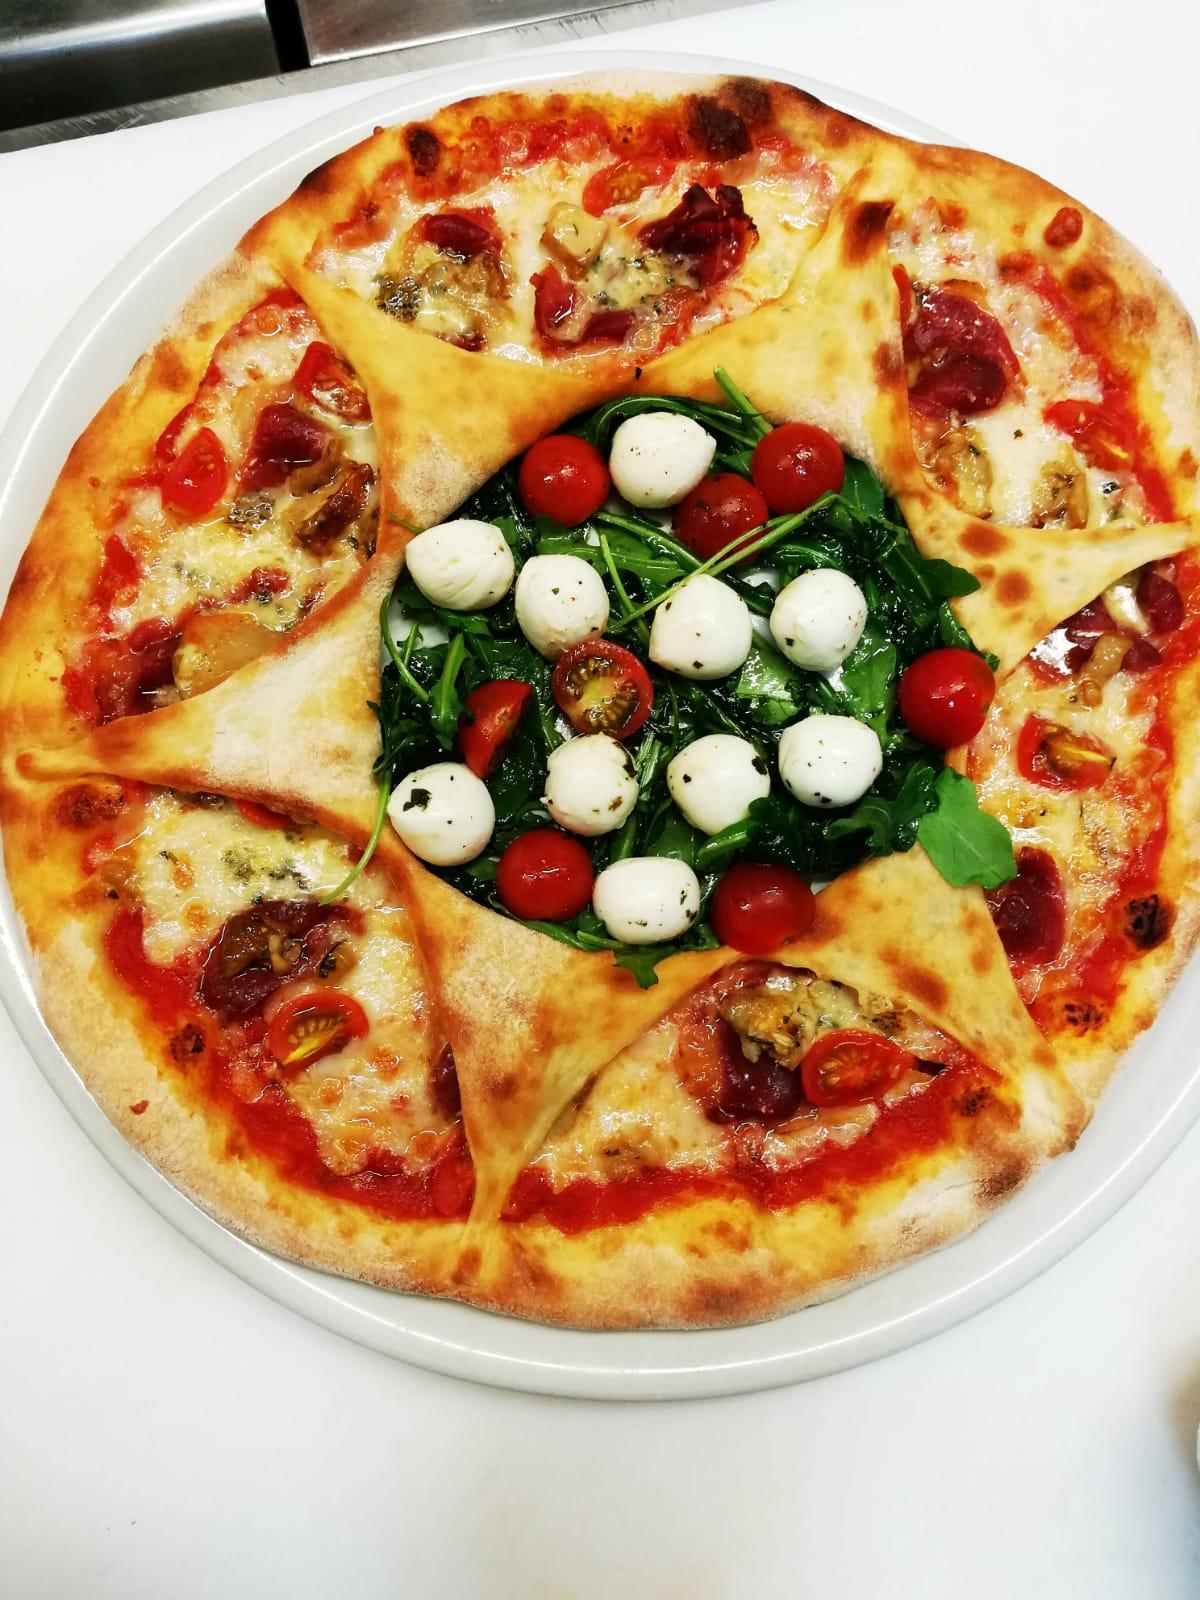 Pizza Al Boccalino